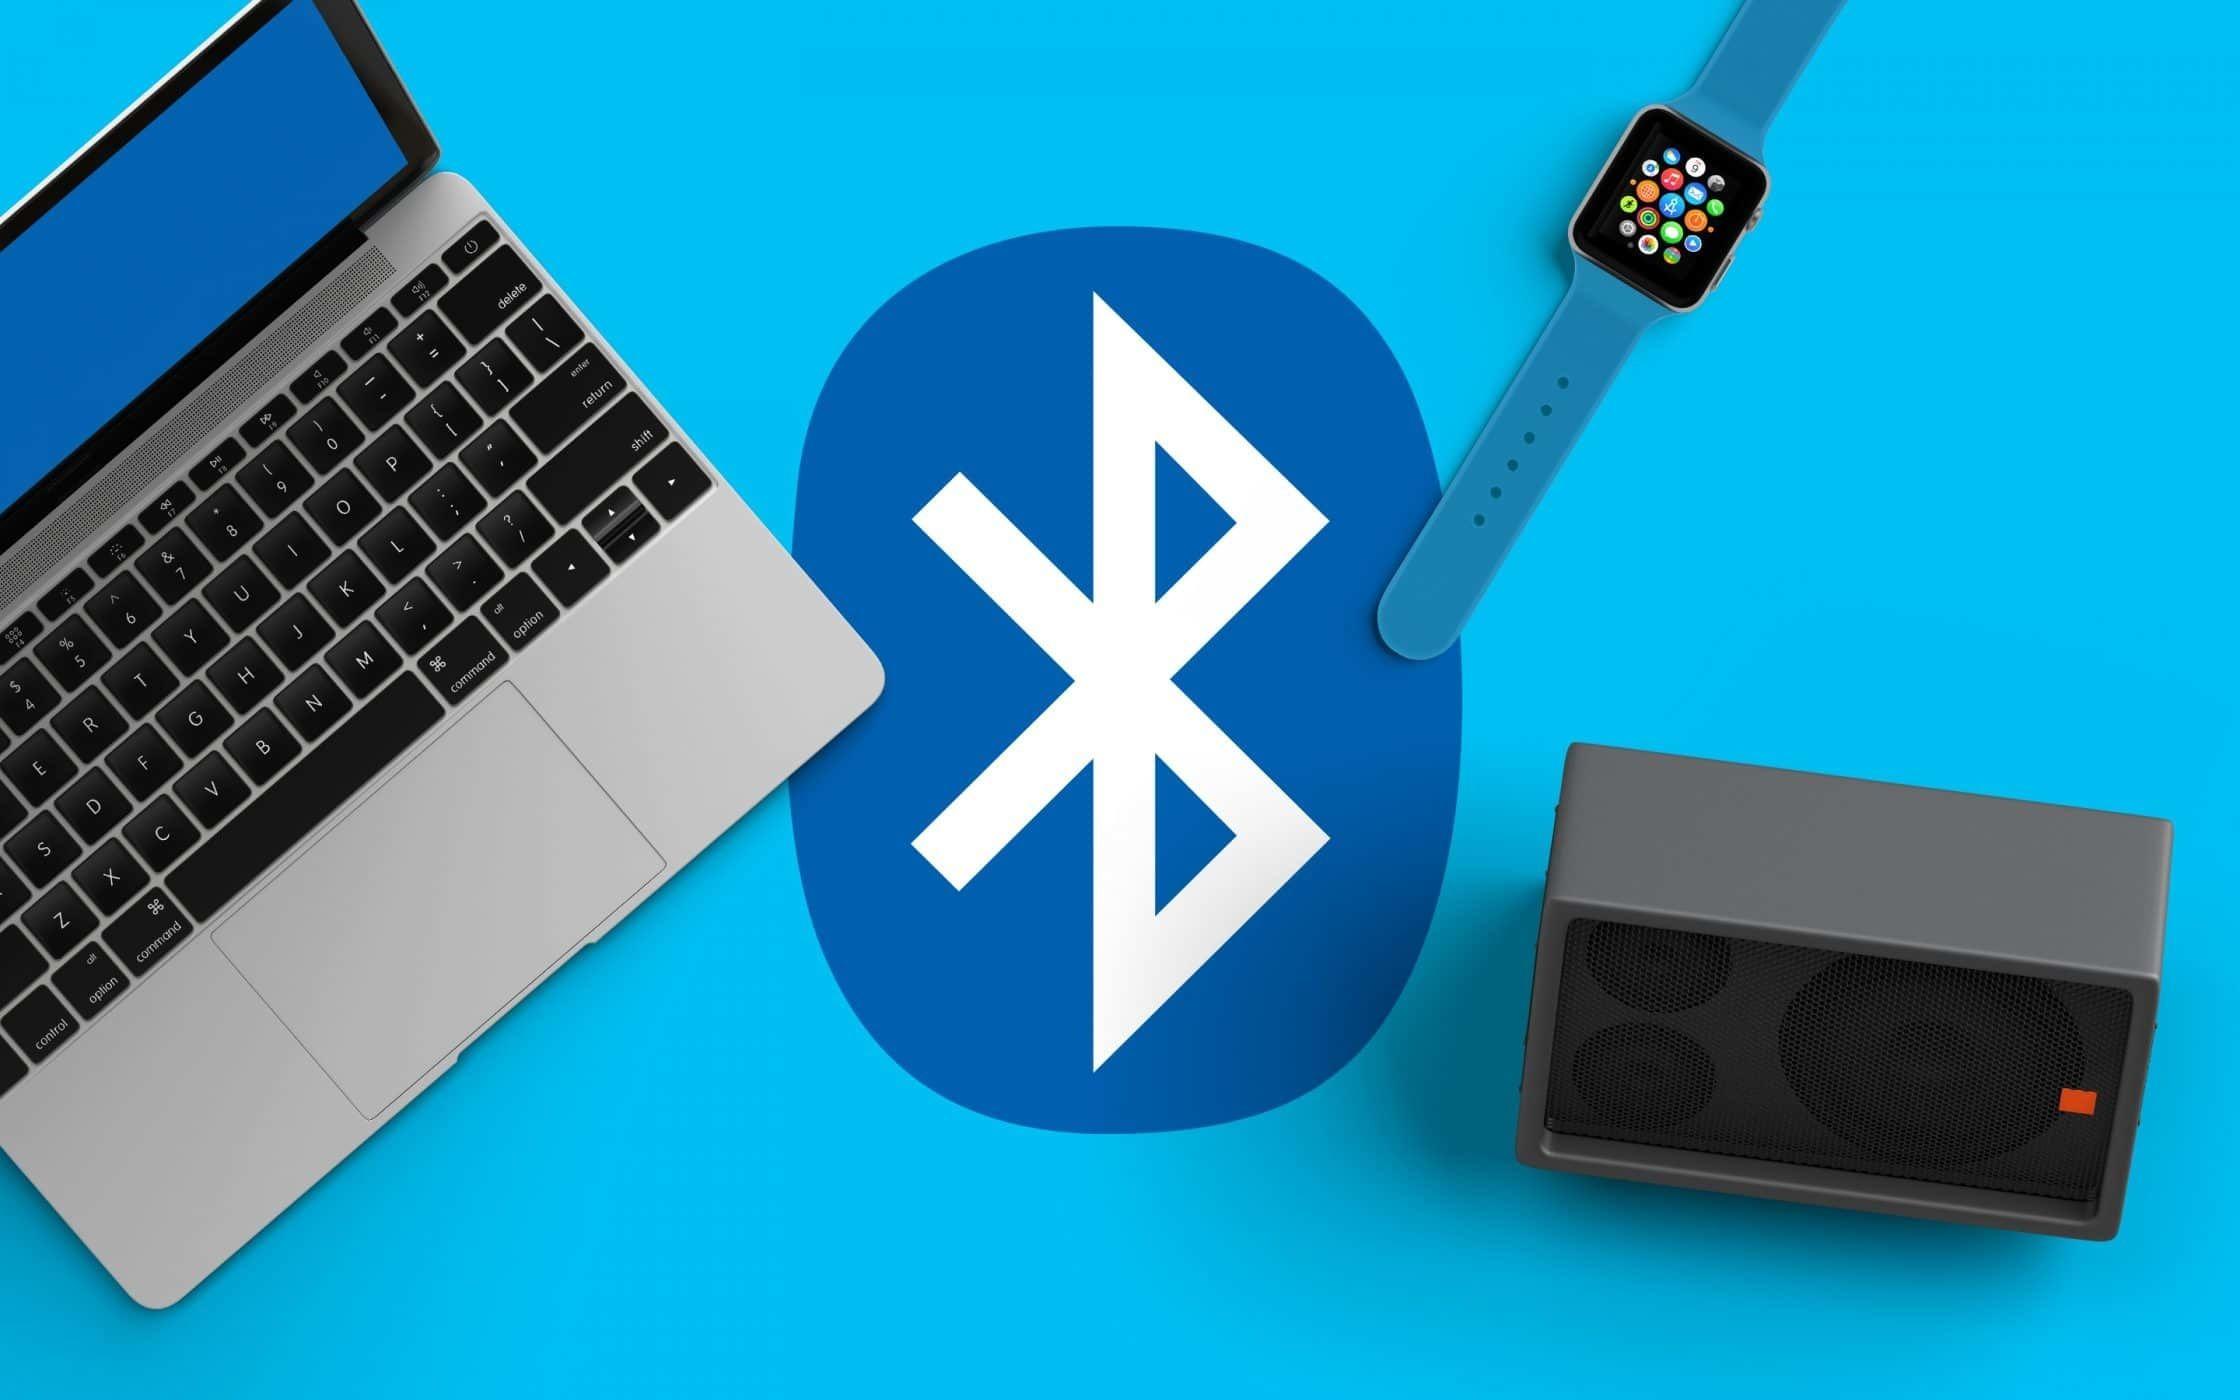 Tracking par Bluetooth : les Français ne s'annoncent pas vraiment réceptifs